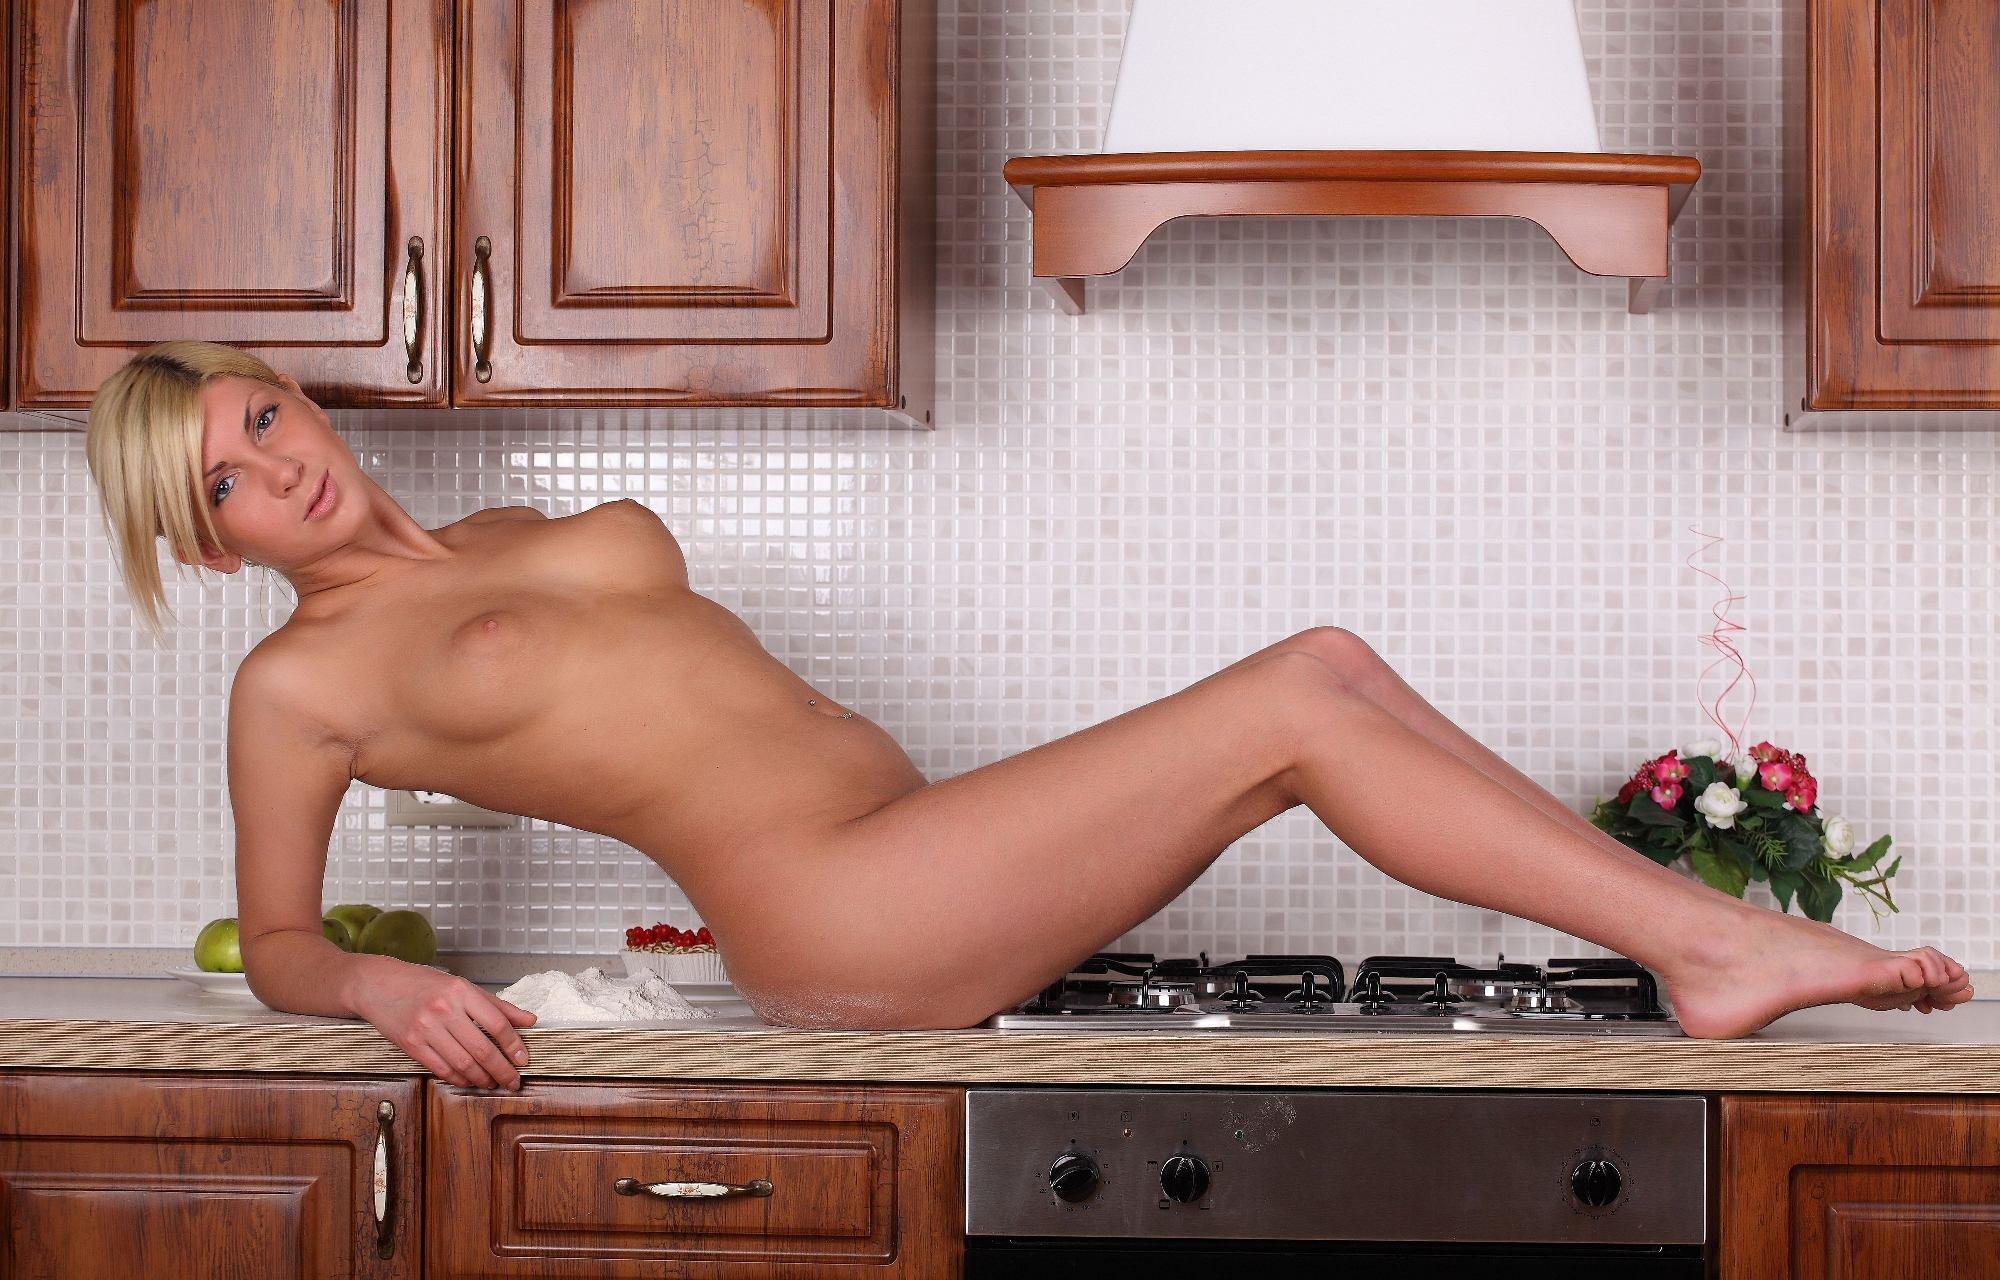 Эротические фото личные онлайн домохозяек, русская девка трахает себя в попку морковкой онлайн